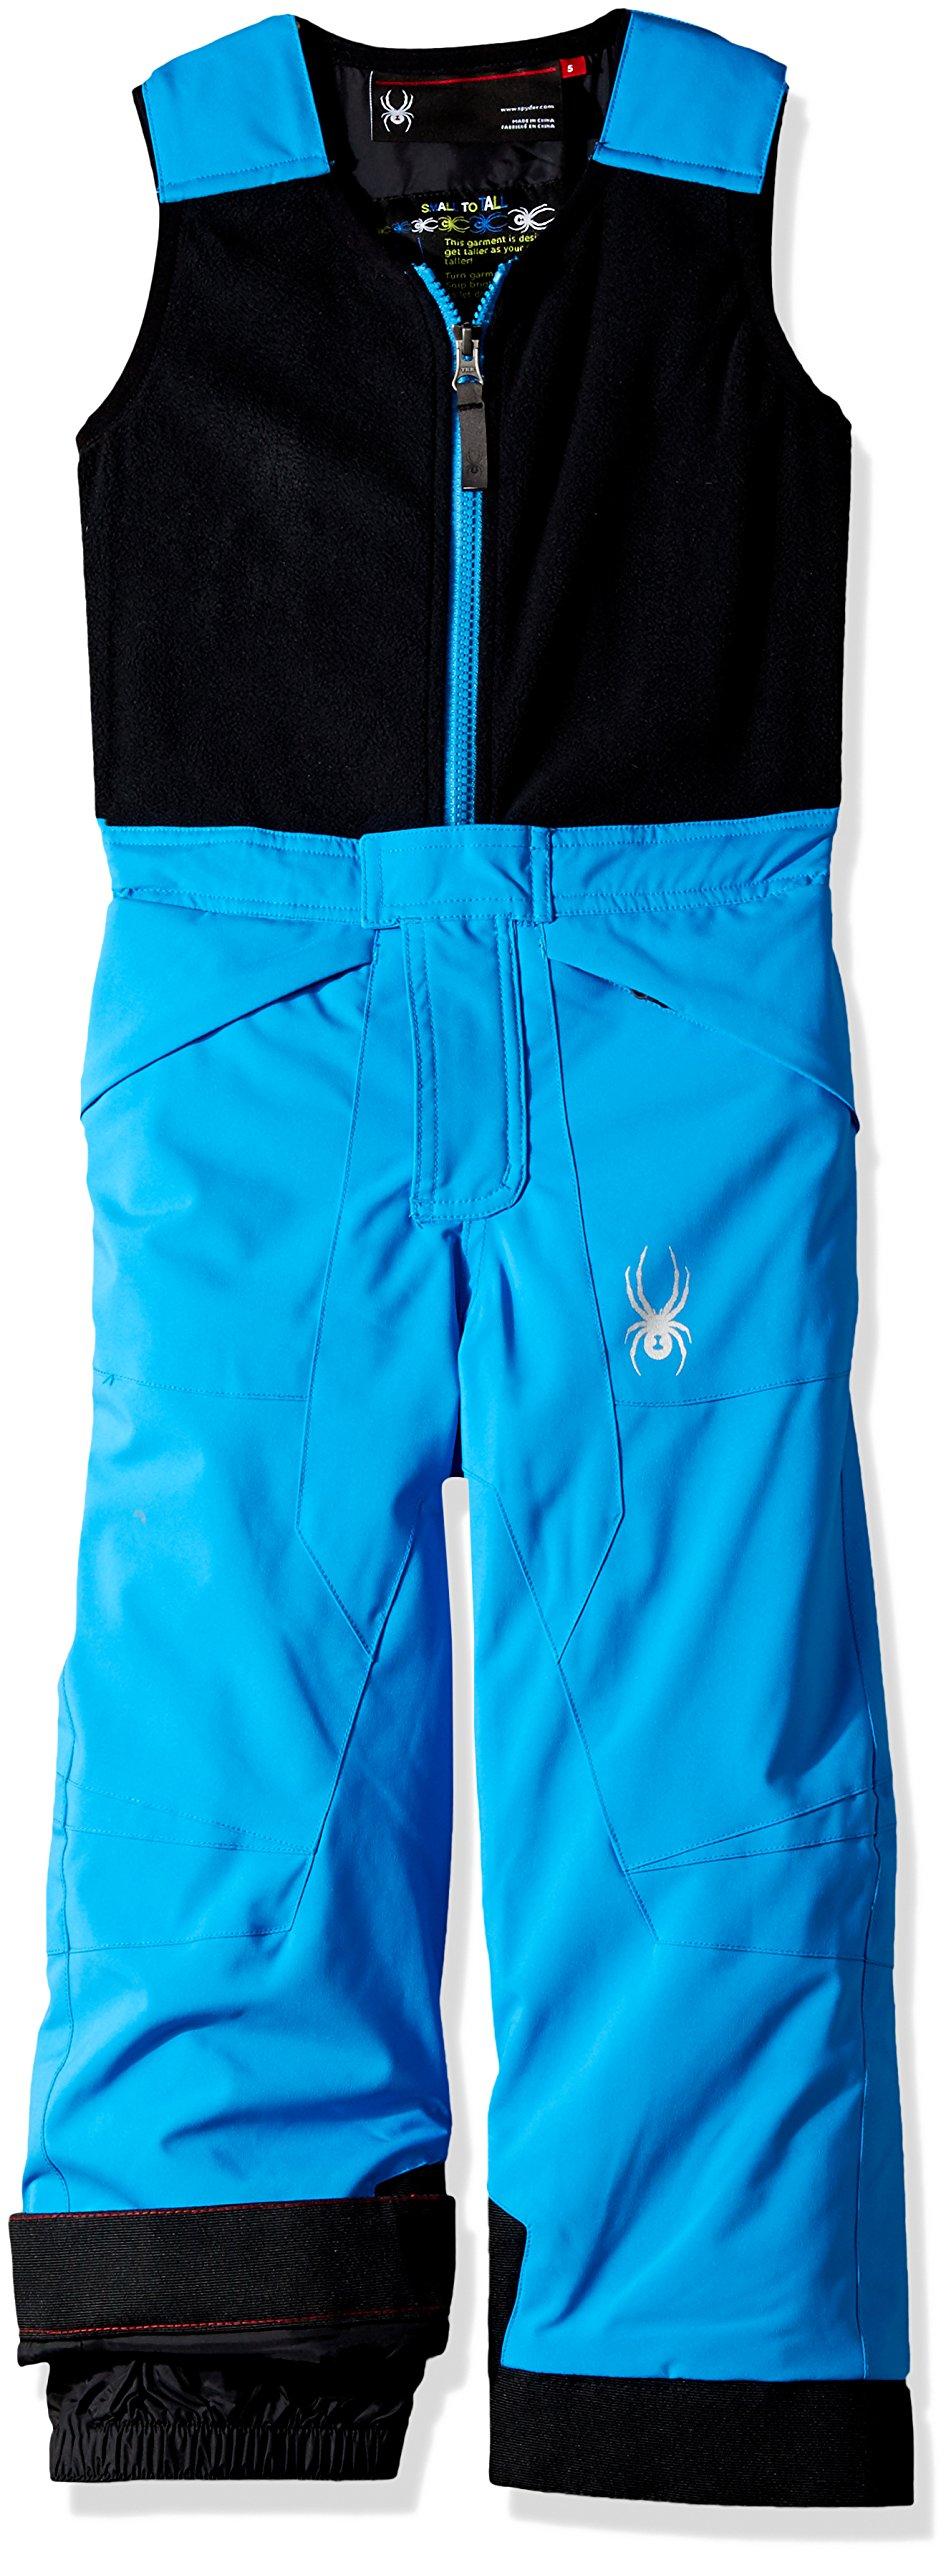 Spyder Mini Expedition Ski Pant, French Blue/Black, Size 5 by Spyder